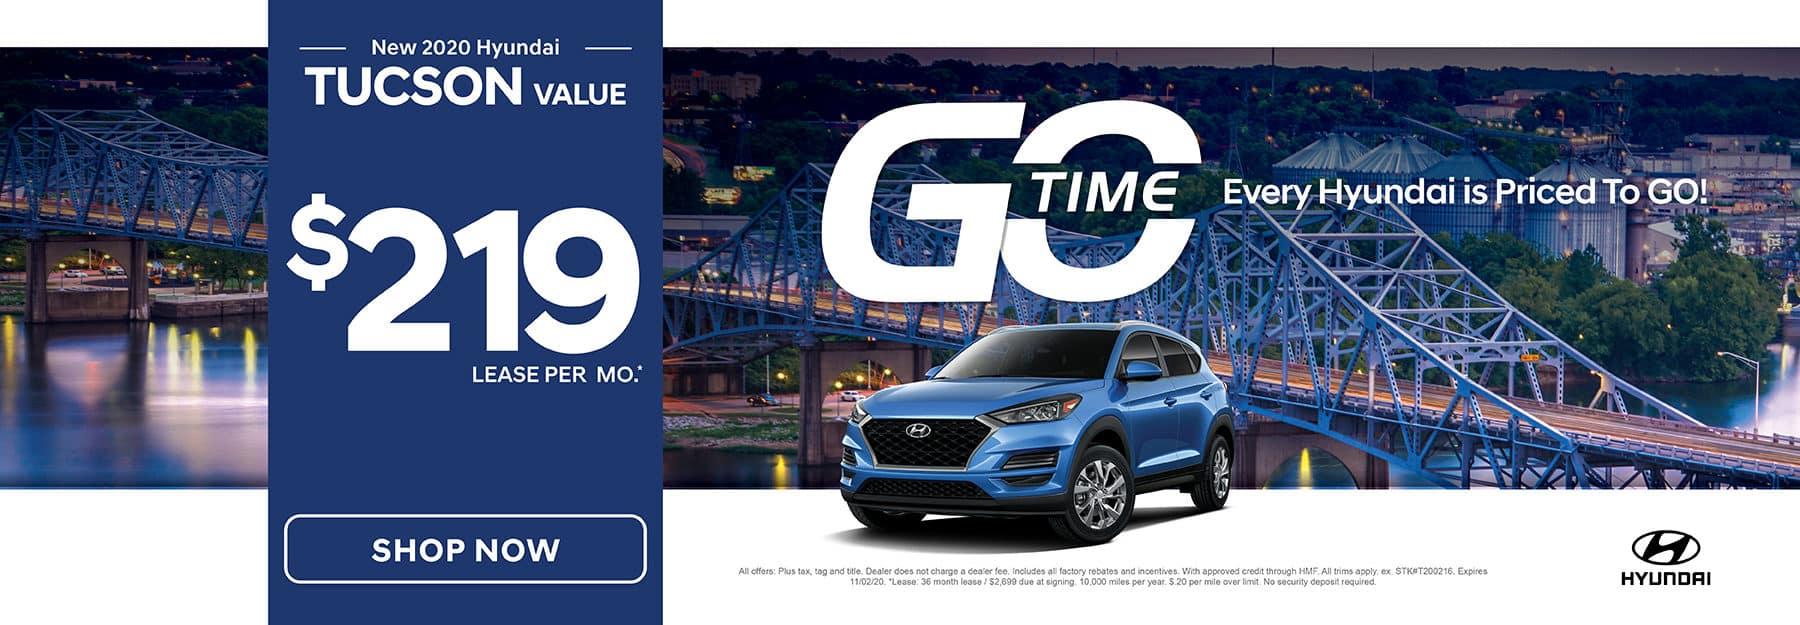 GO TIME - New 2020 Hyundai Tucson